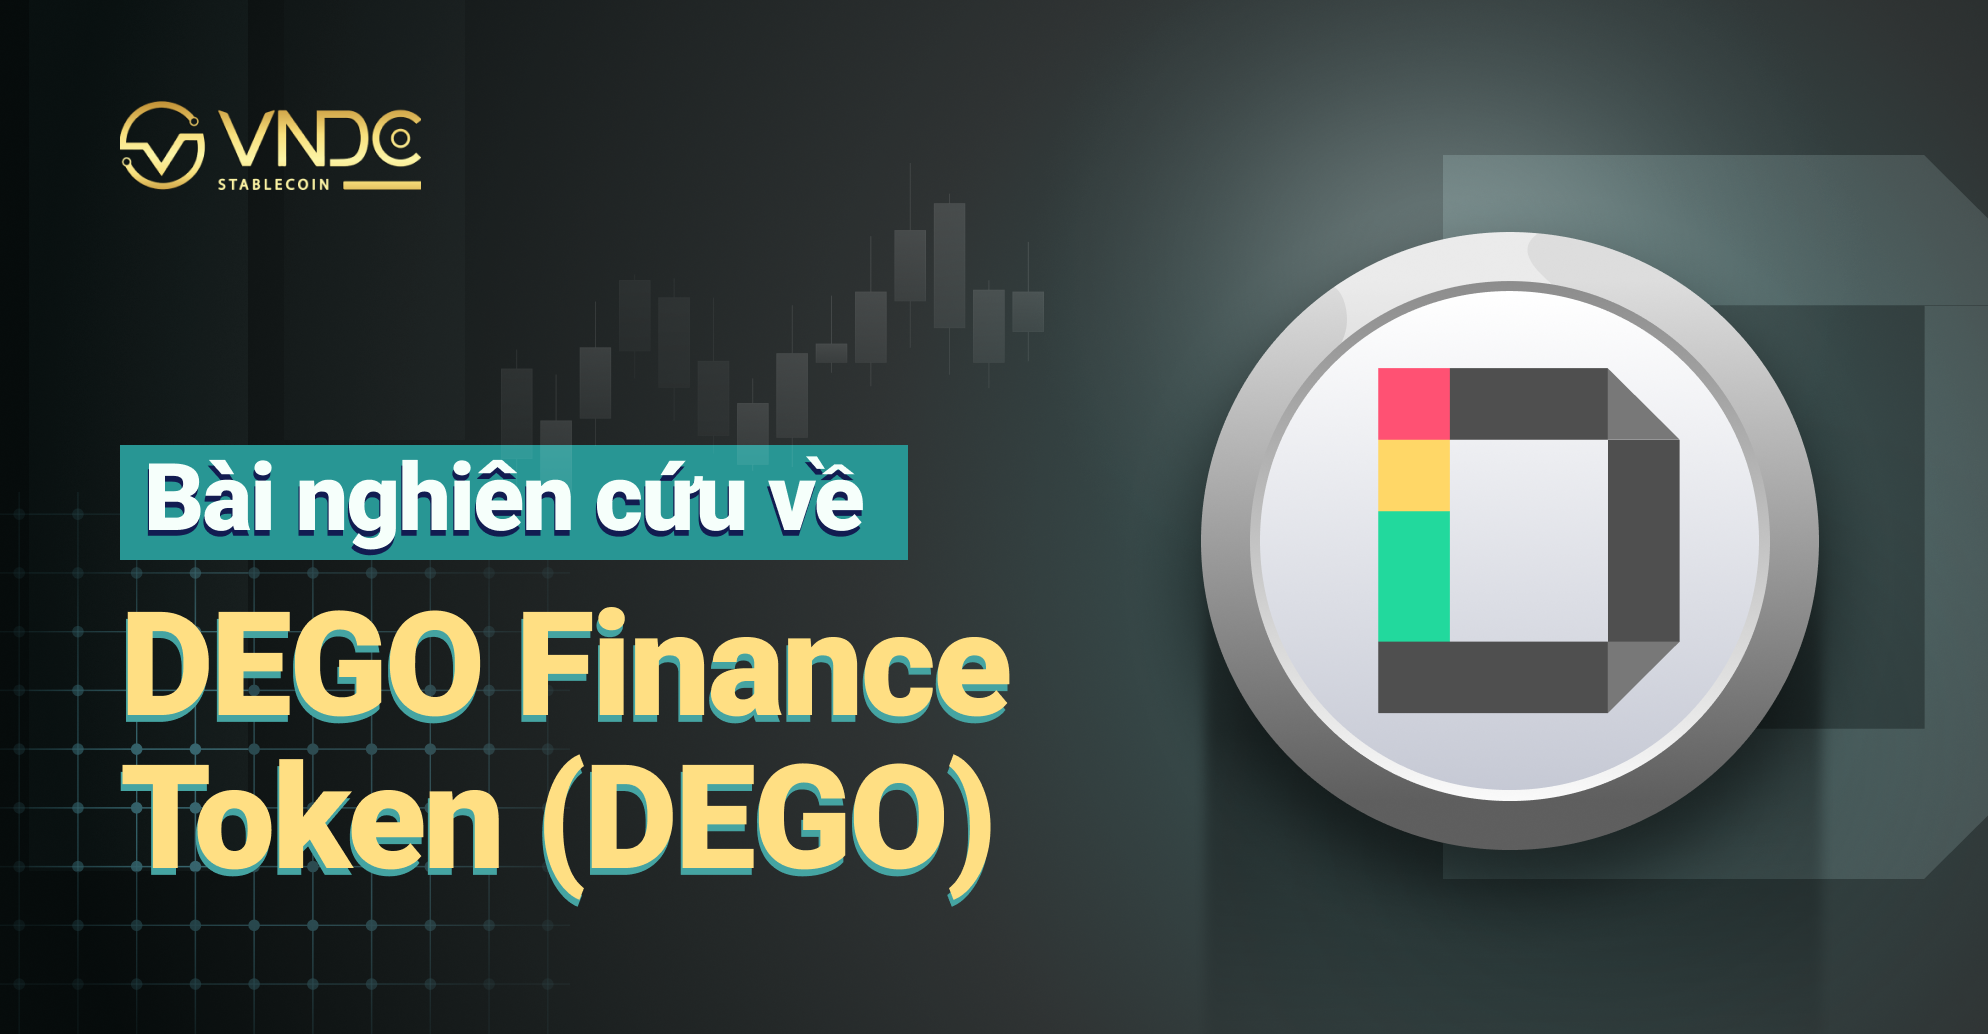 Bài nghiên cứu: Toàn tập về Token DEGO và nền tảng Dego Finance